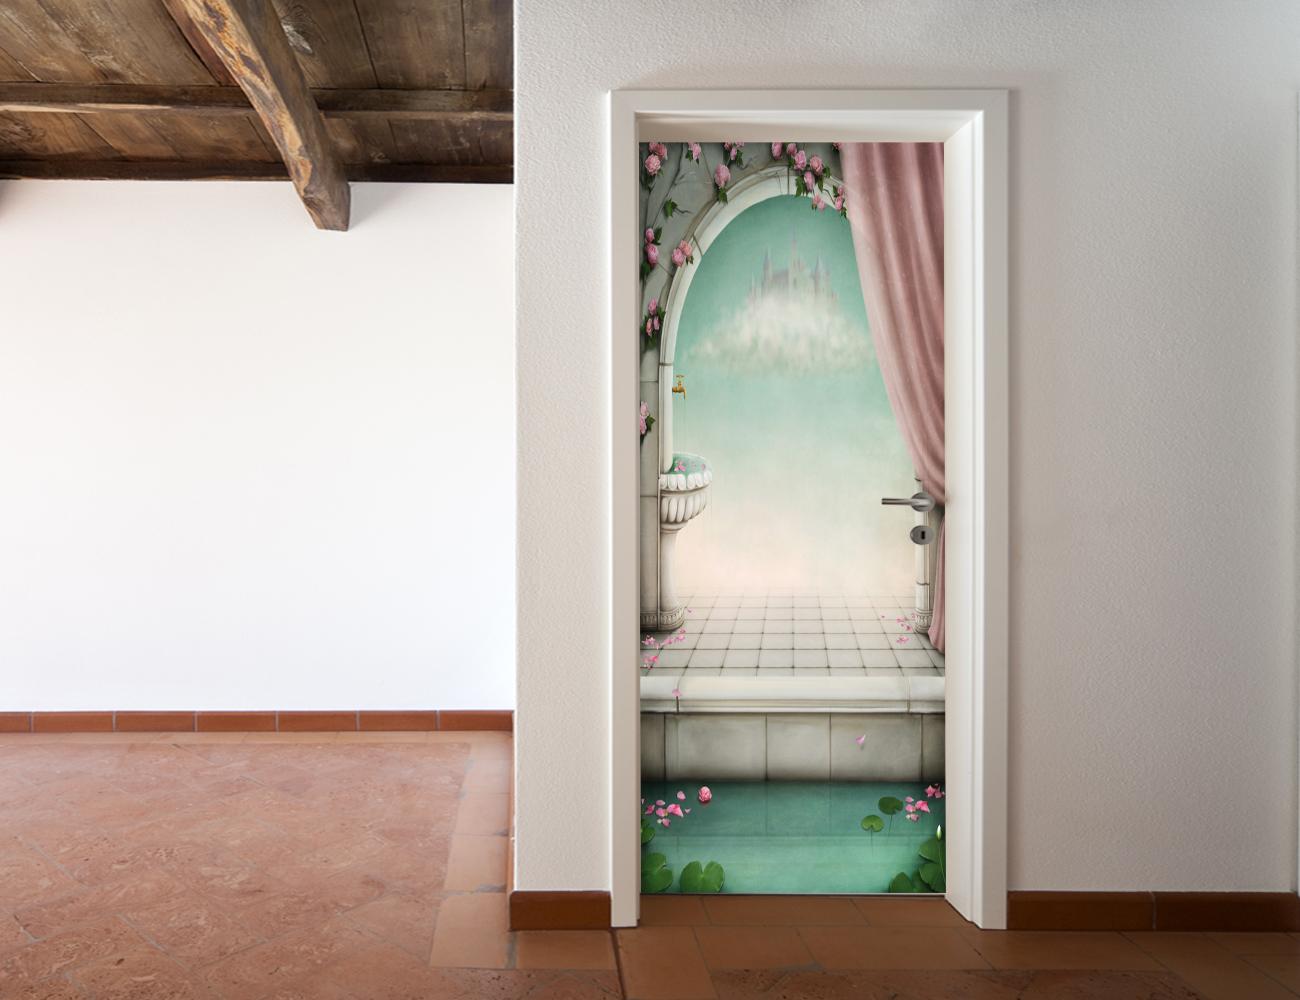 Adesivi follia adesivo per porte fantasia - Adesivi decorativi per porte ...